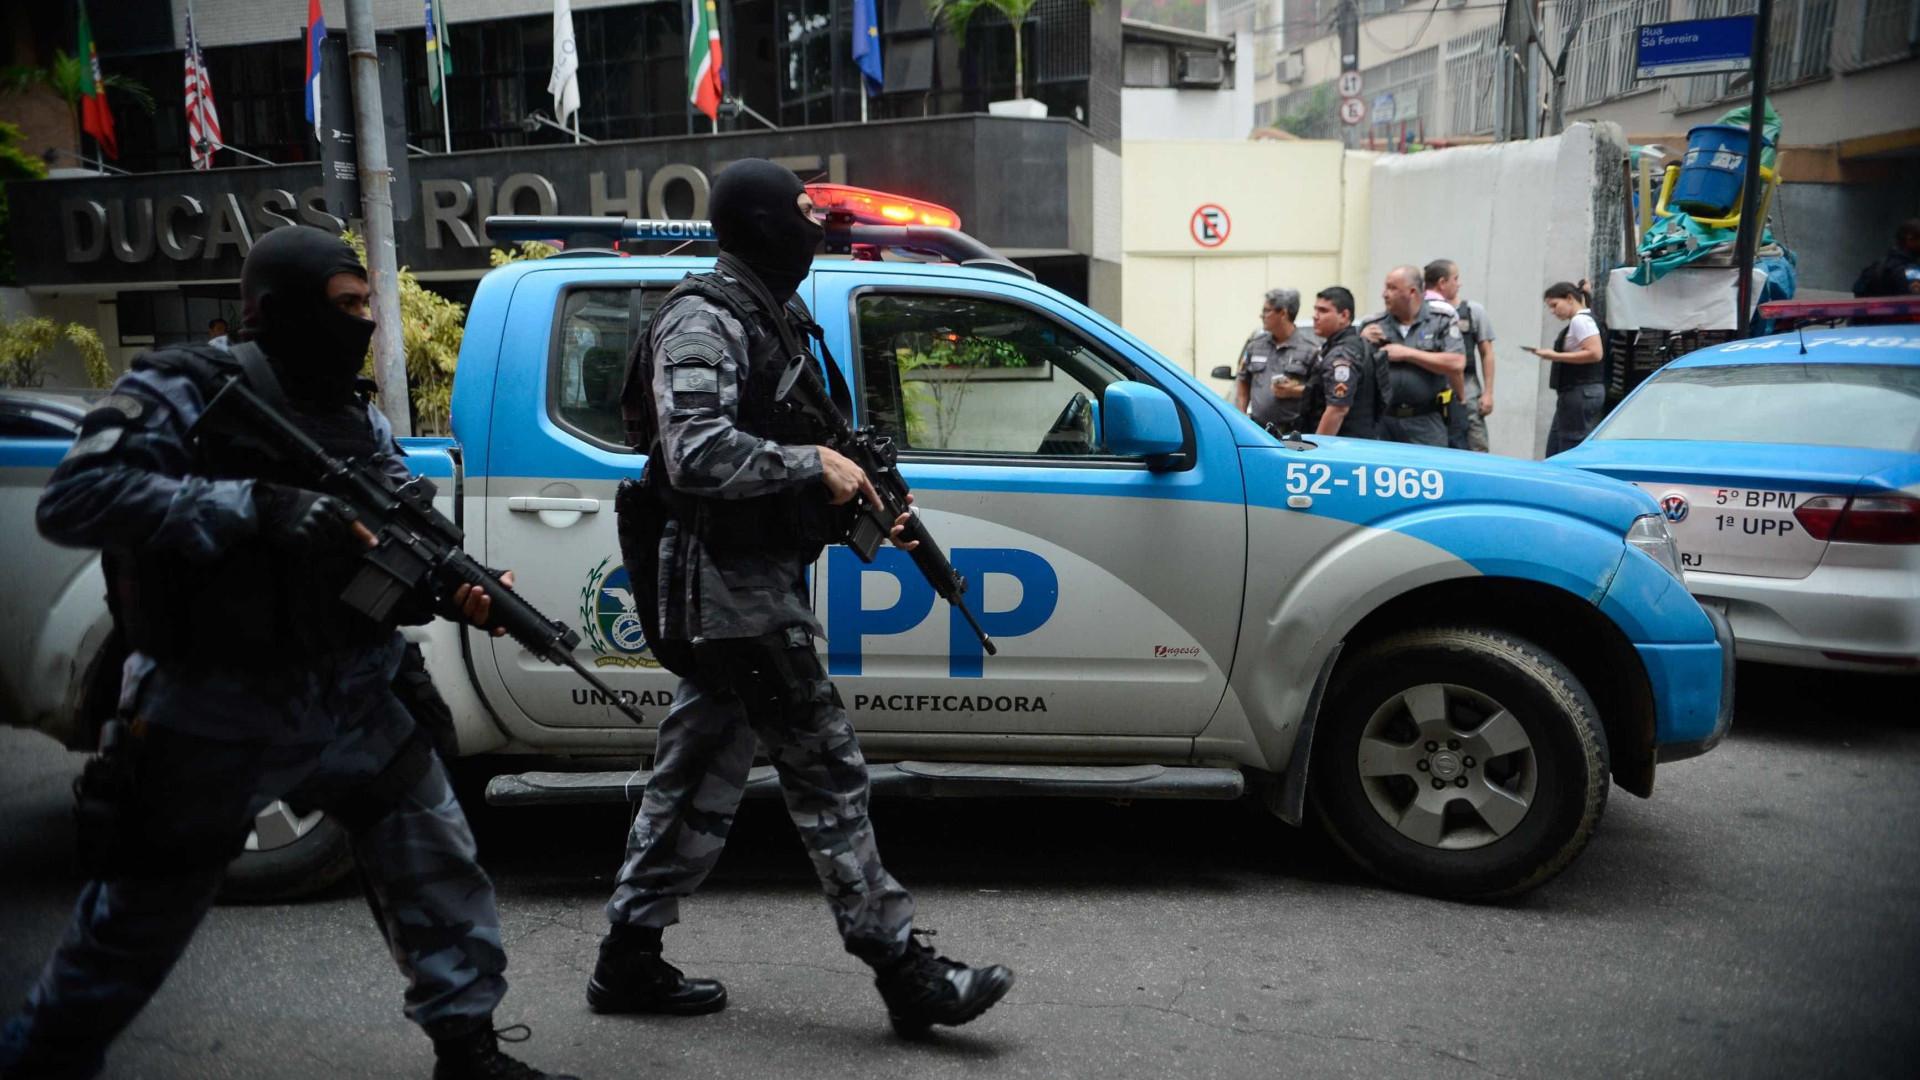 Registros de tiroteio duplicaram no Rio no carnaval deste ano